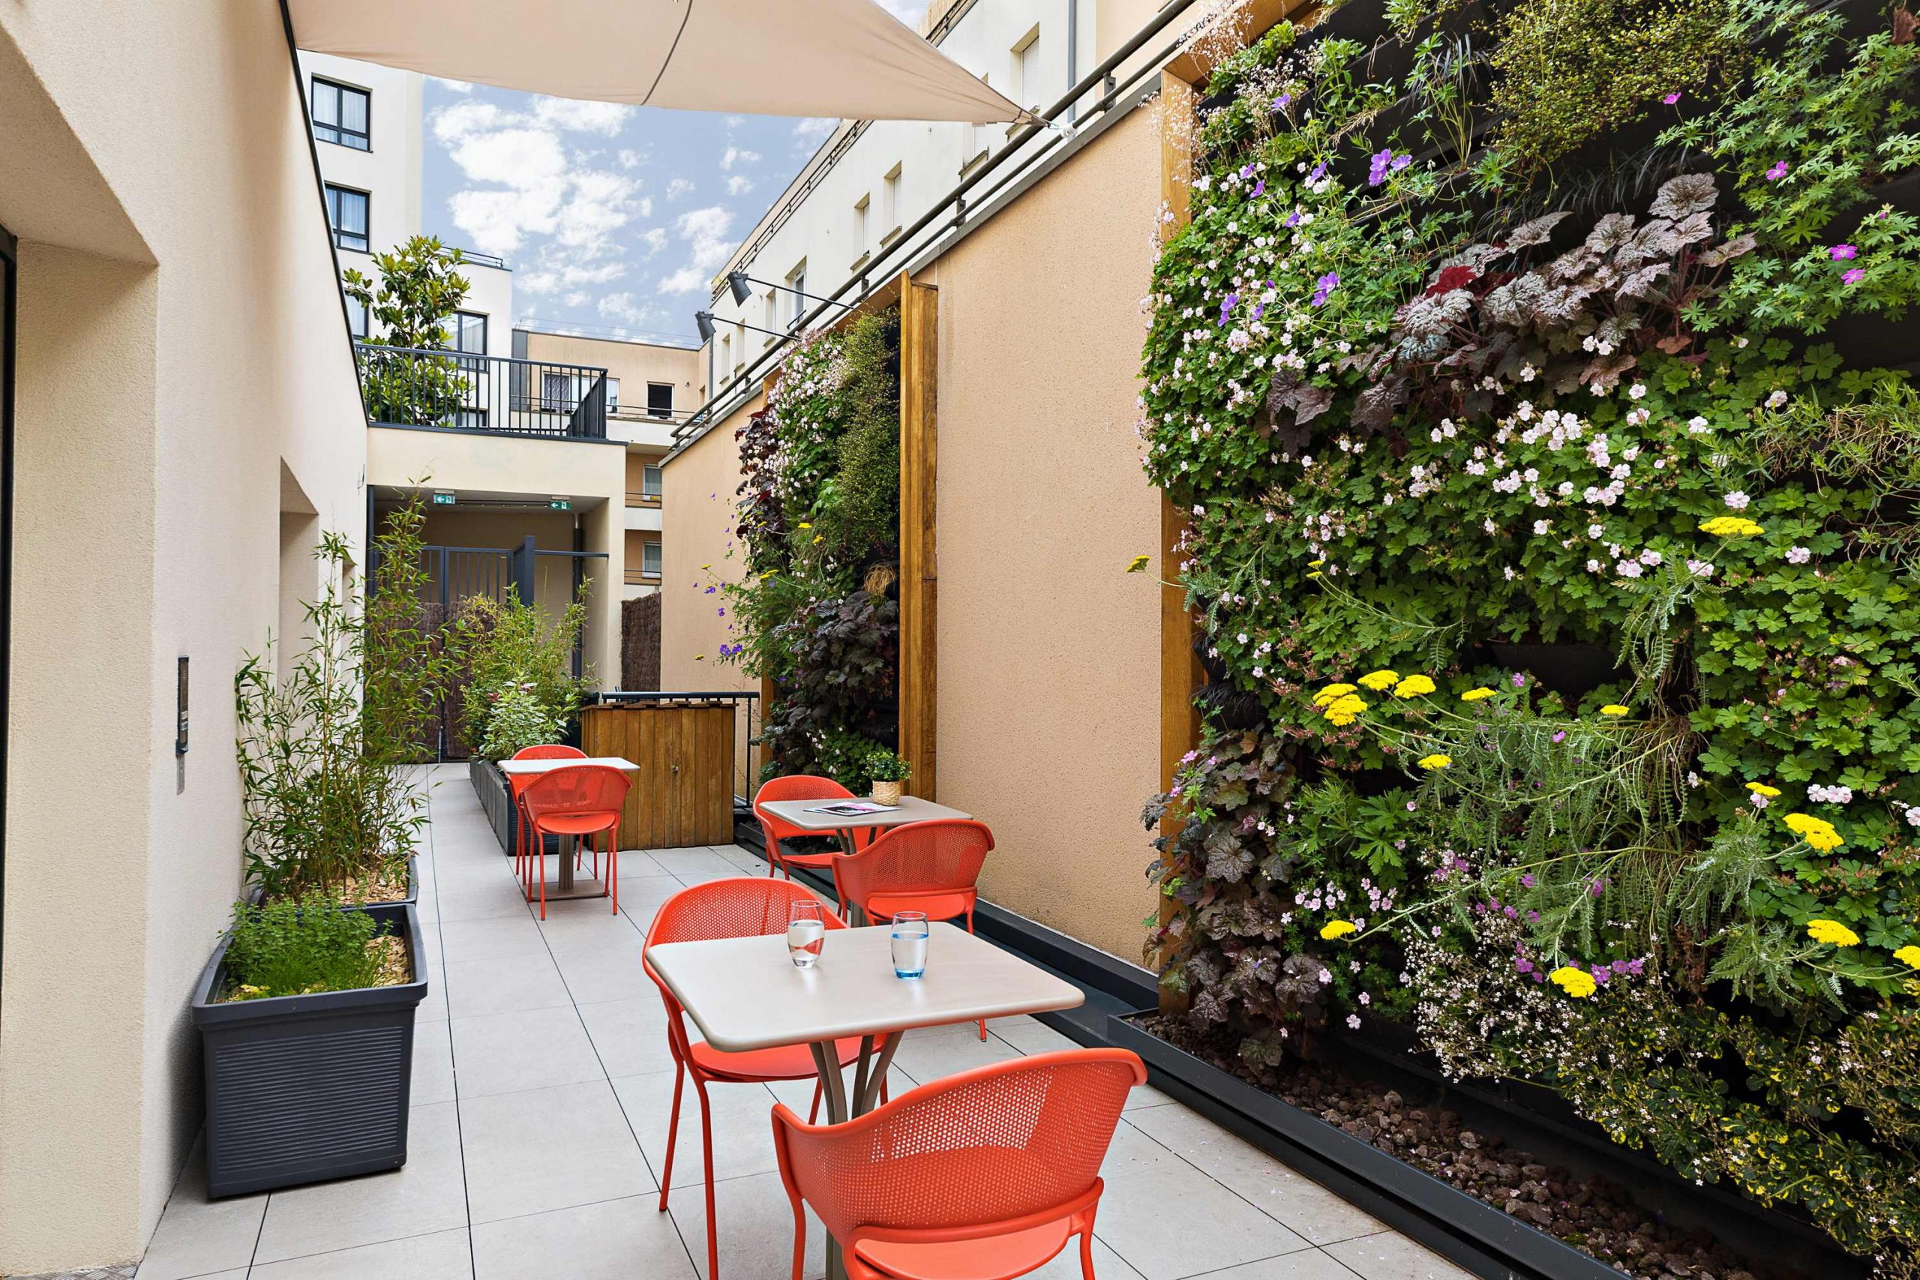 Résidence services seniors Nahoma La Calende Rouen terrasse végétalisée